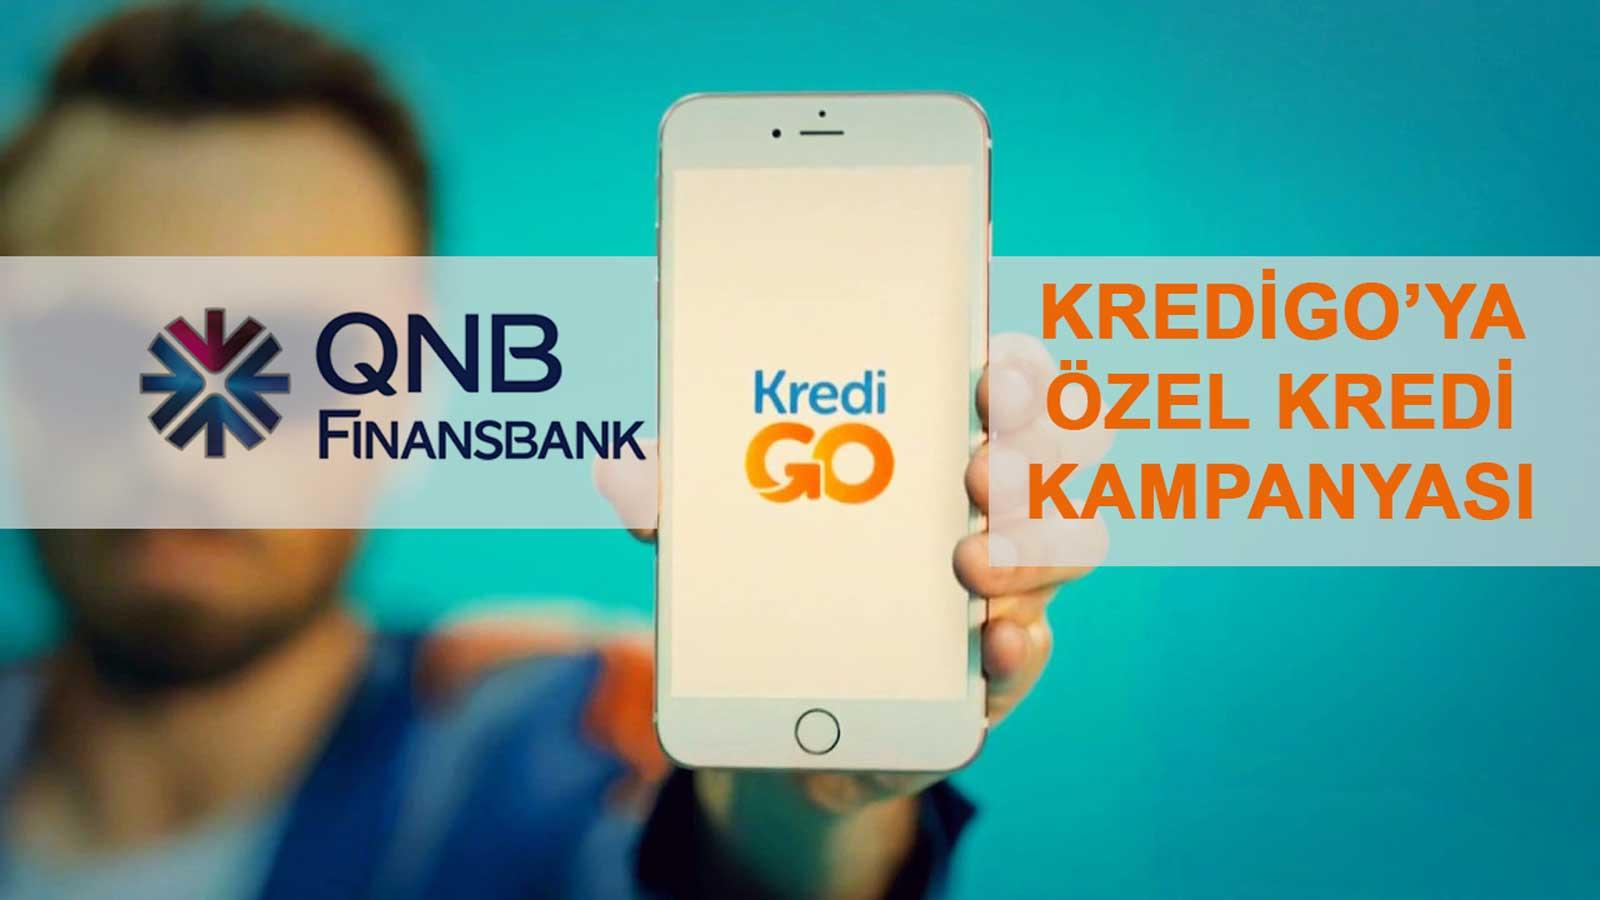 Finansbank KrediGO ile Anında Kredi Başvurusu